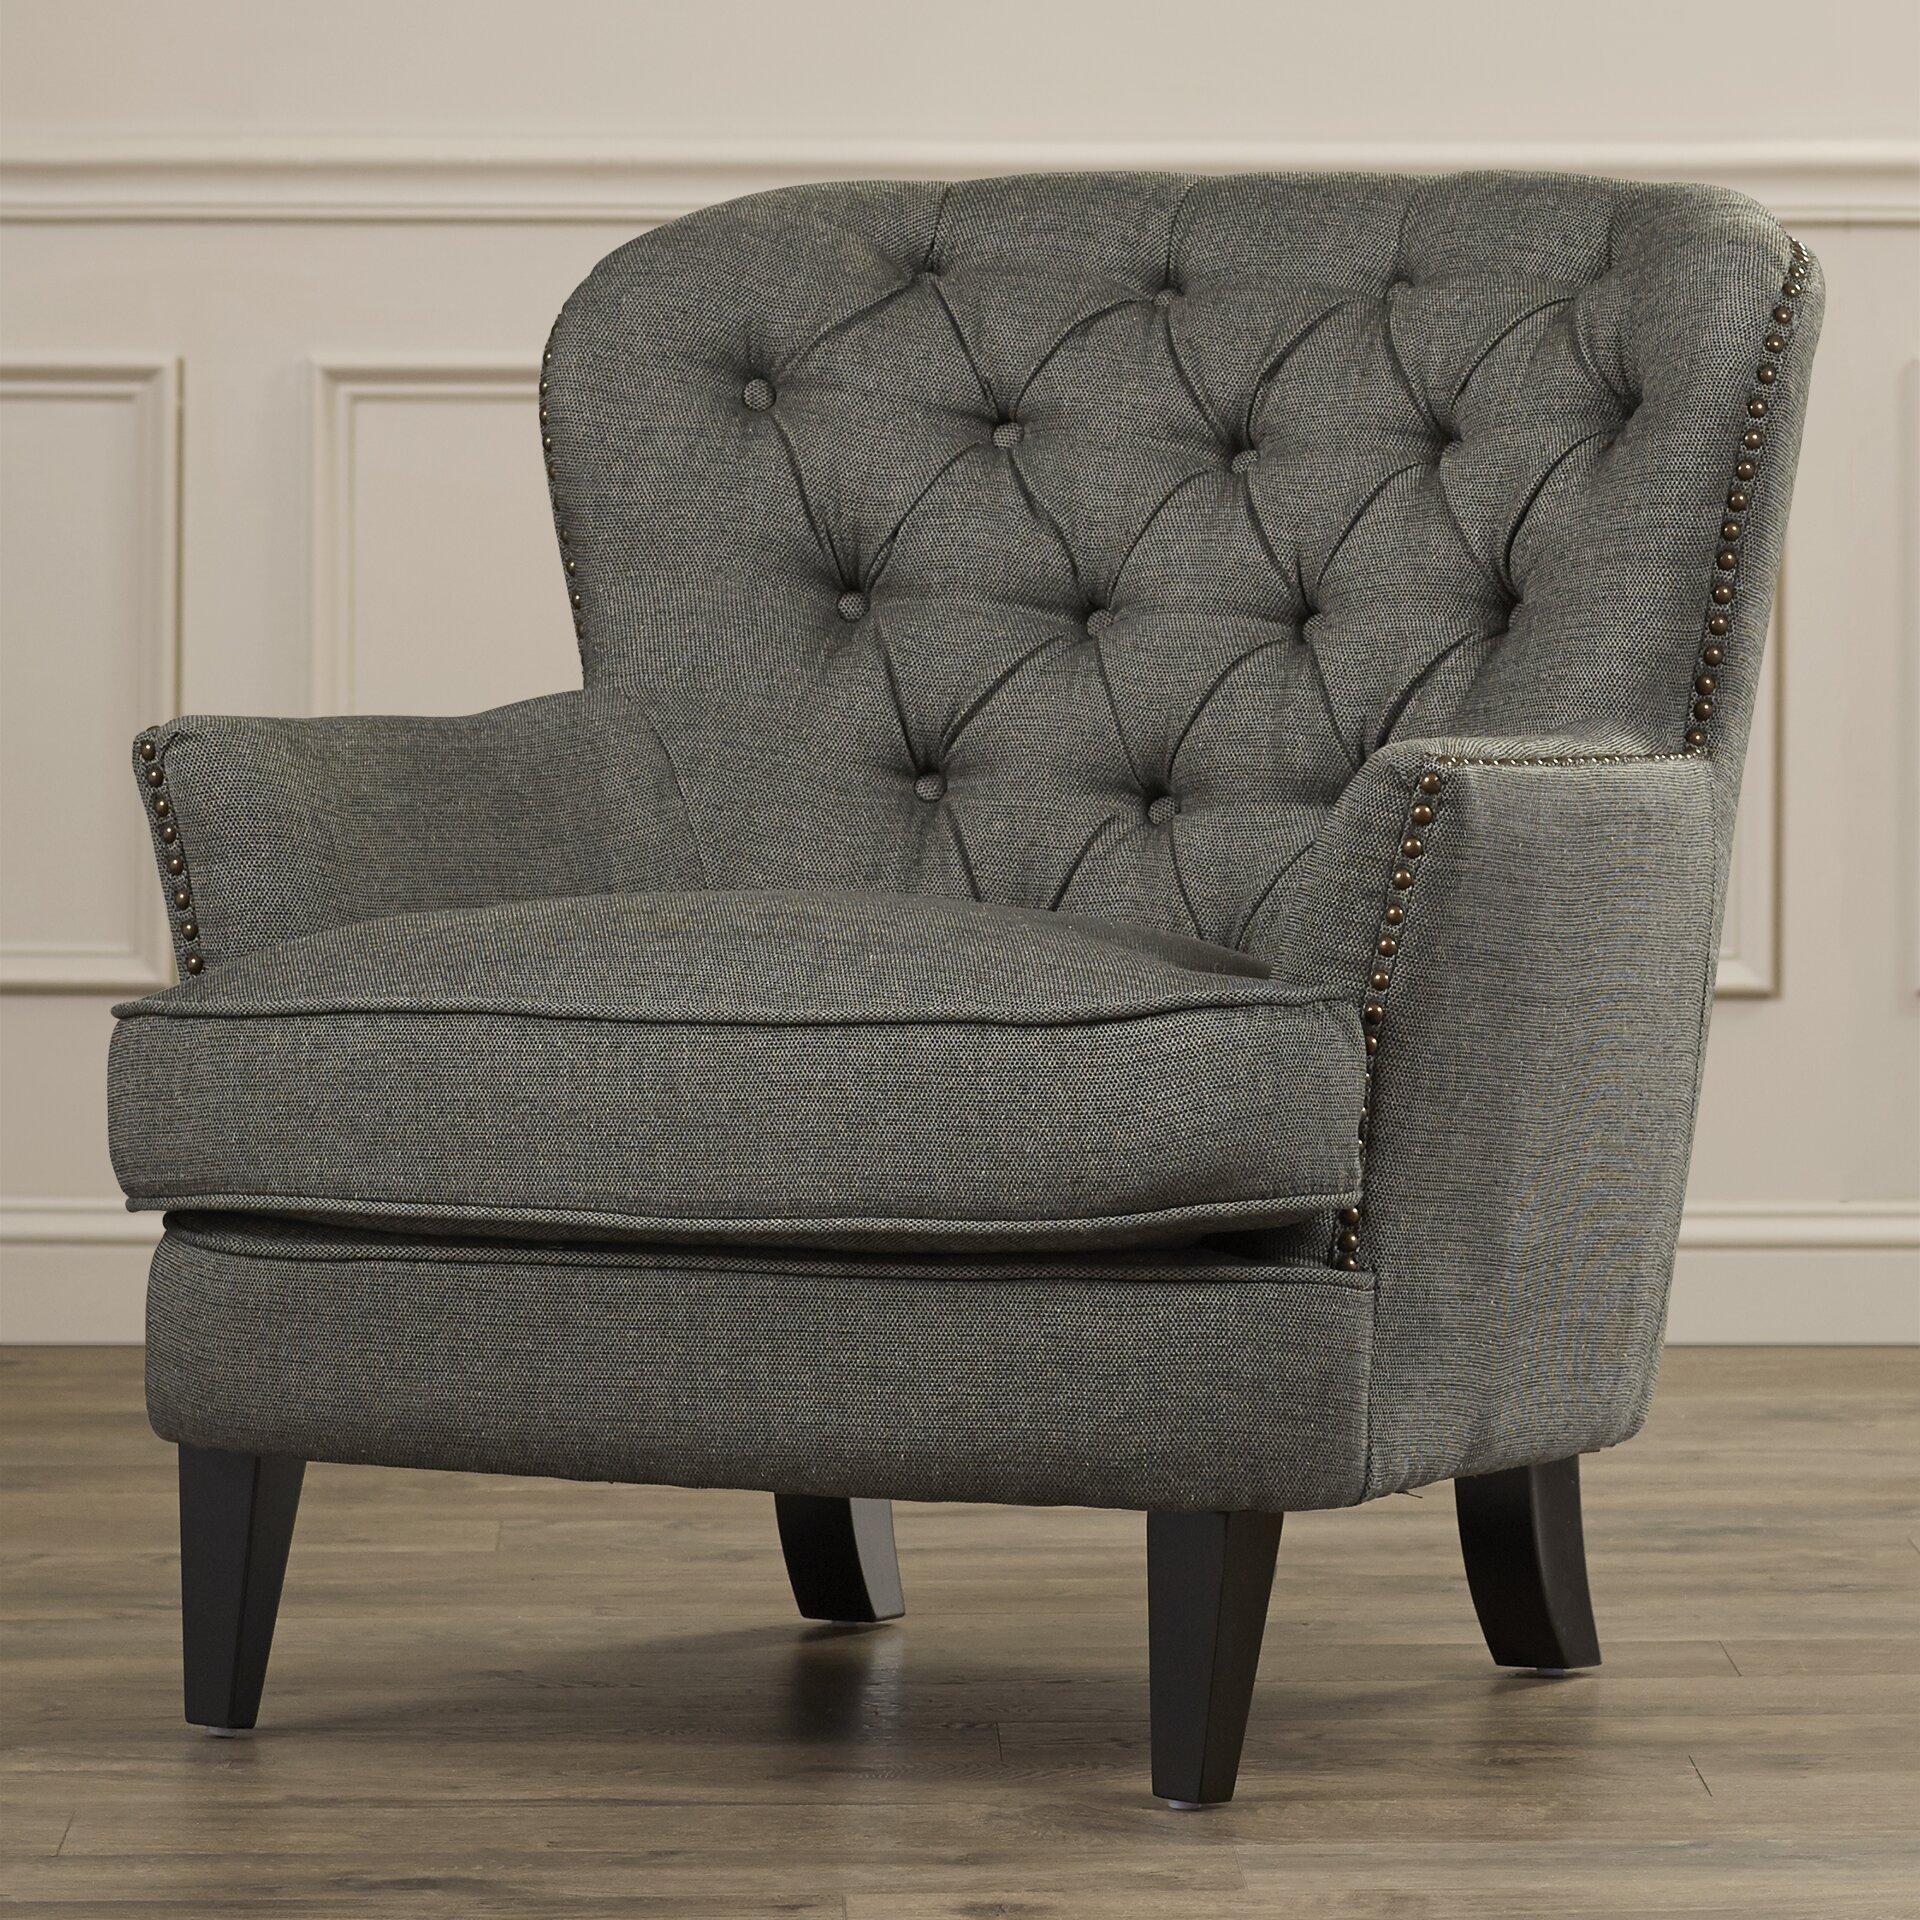 Three Posts Landisburg Tufted Club Chair & Reviews